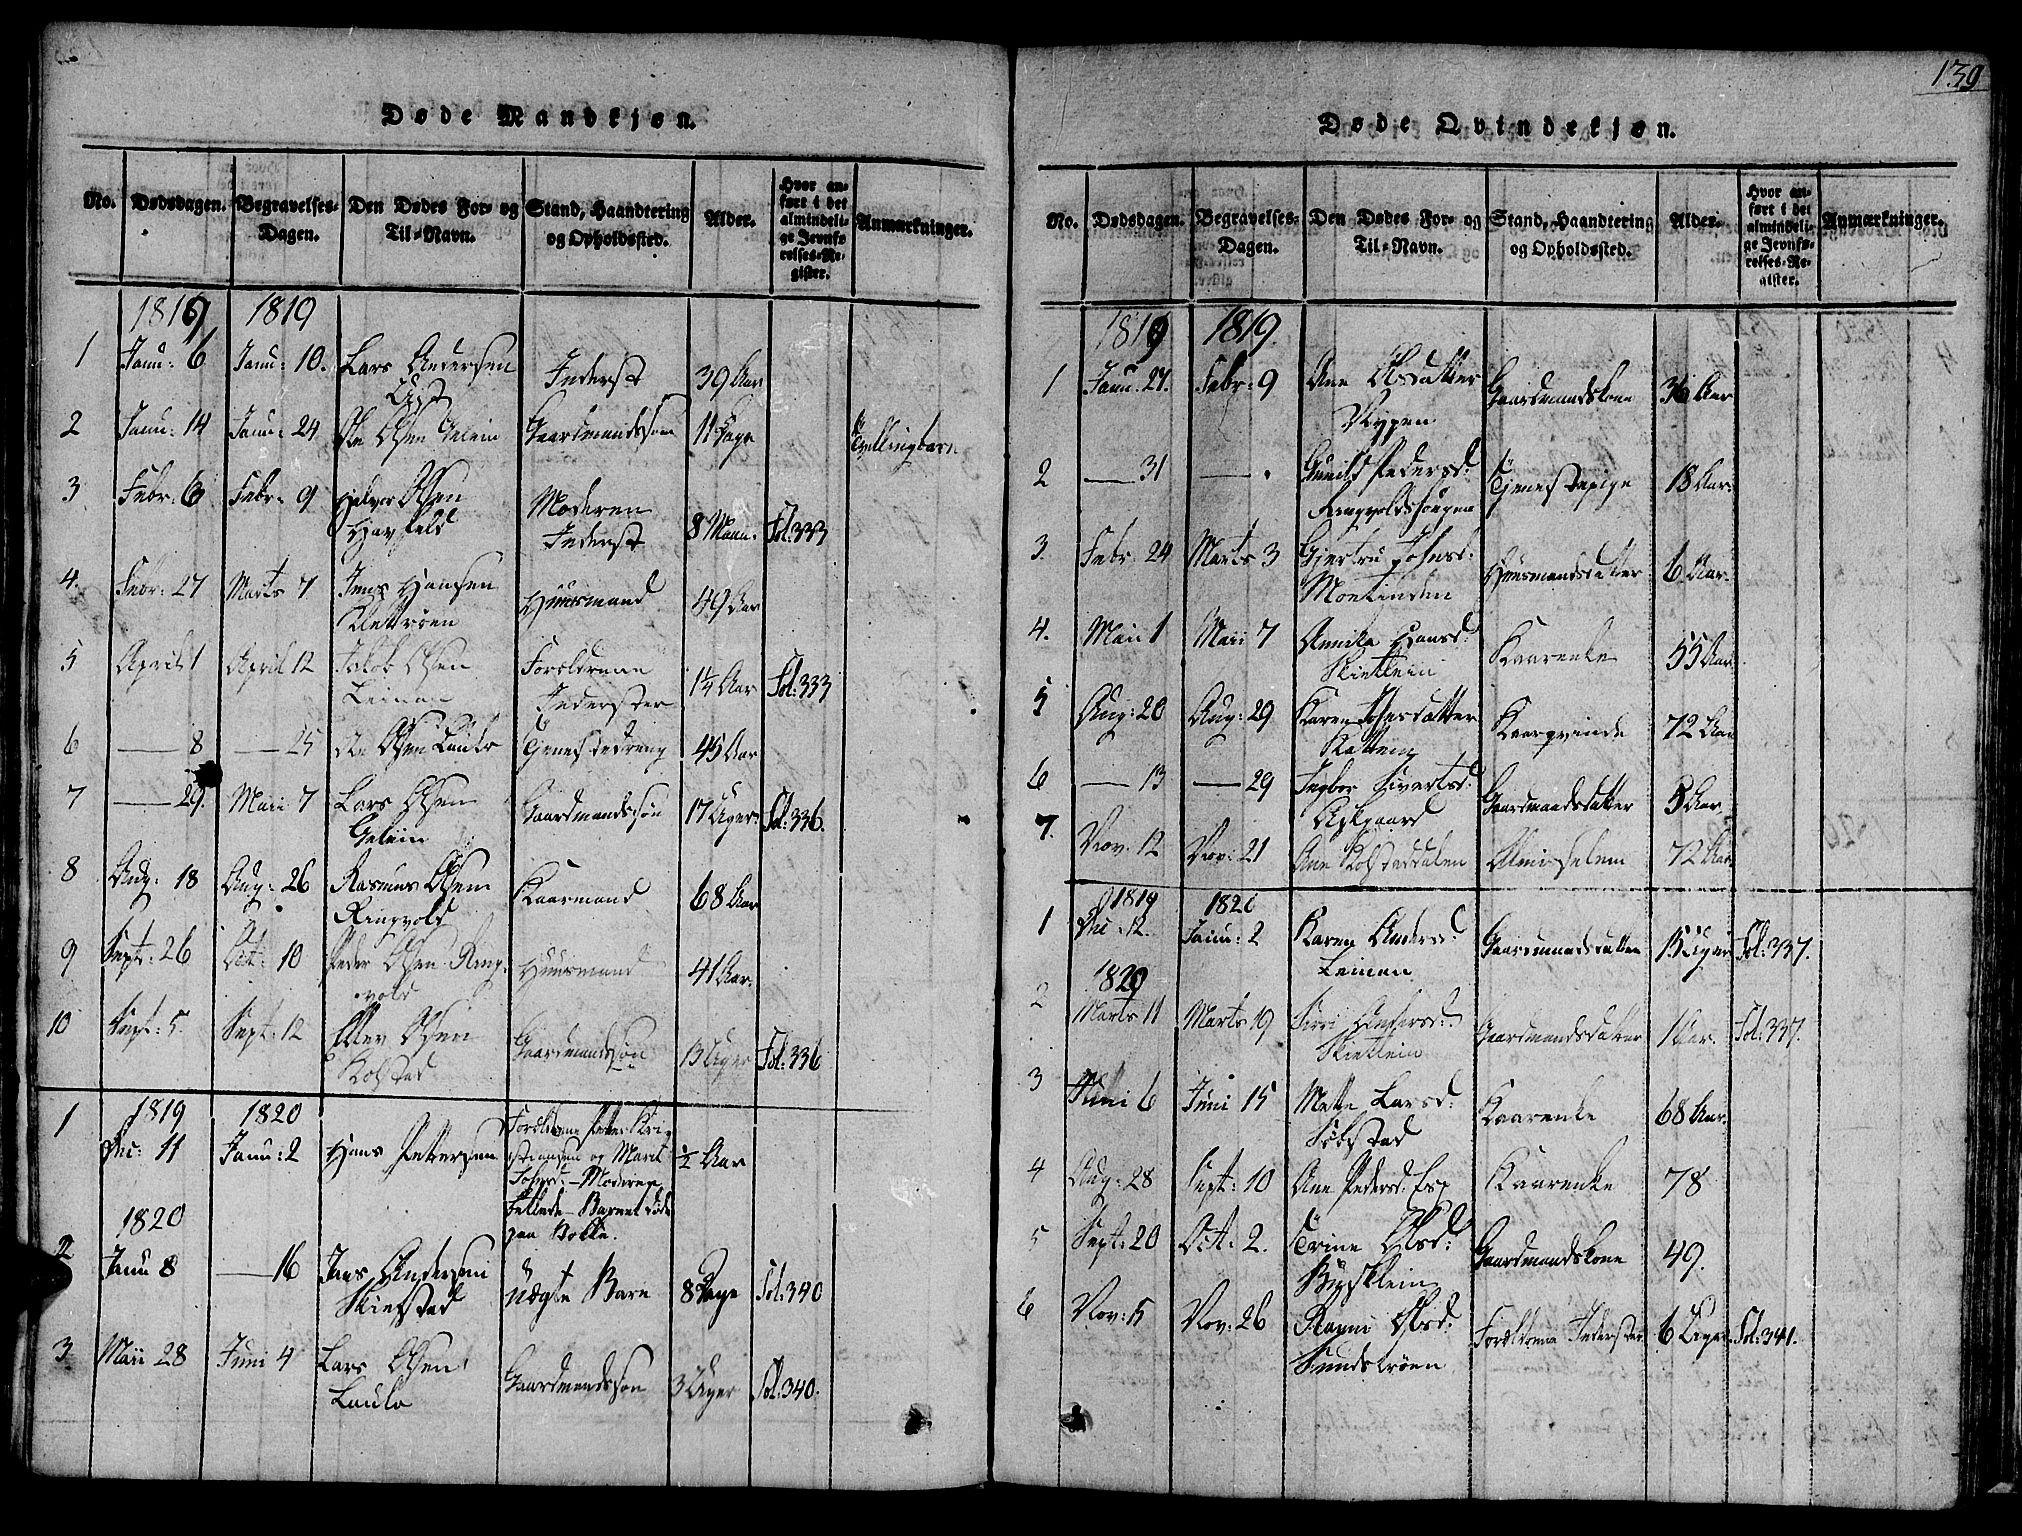 SAT, Ministerialprotokoller, klokkerbøker og fødselsregistre - Sør-Trøndelag, 691/L1067: Ministerialbok nr. 691A03 /3, 1816-1826, s. 139